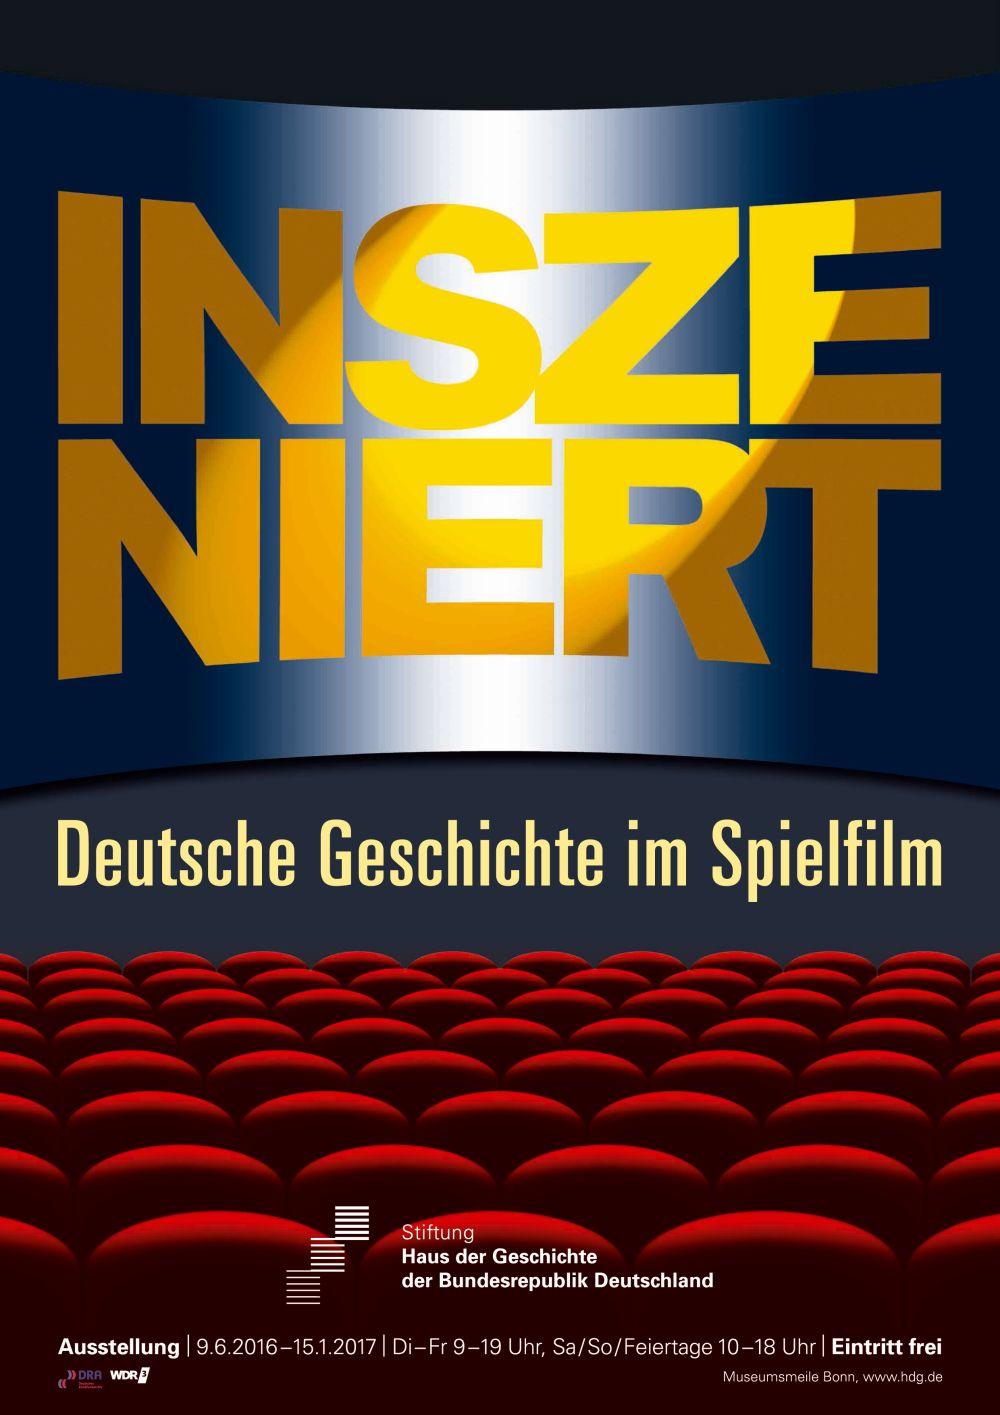 Plakat der Ausstellung mit der Grafik eines Kinosaals mi roten Sitzreihen und dem Ausstellungstitel auf der Leinwand